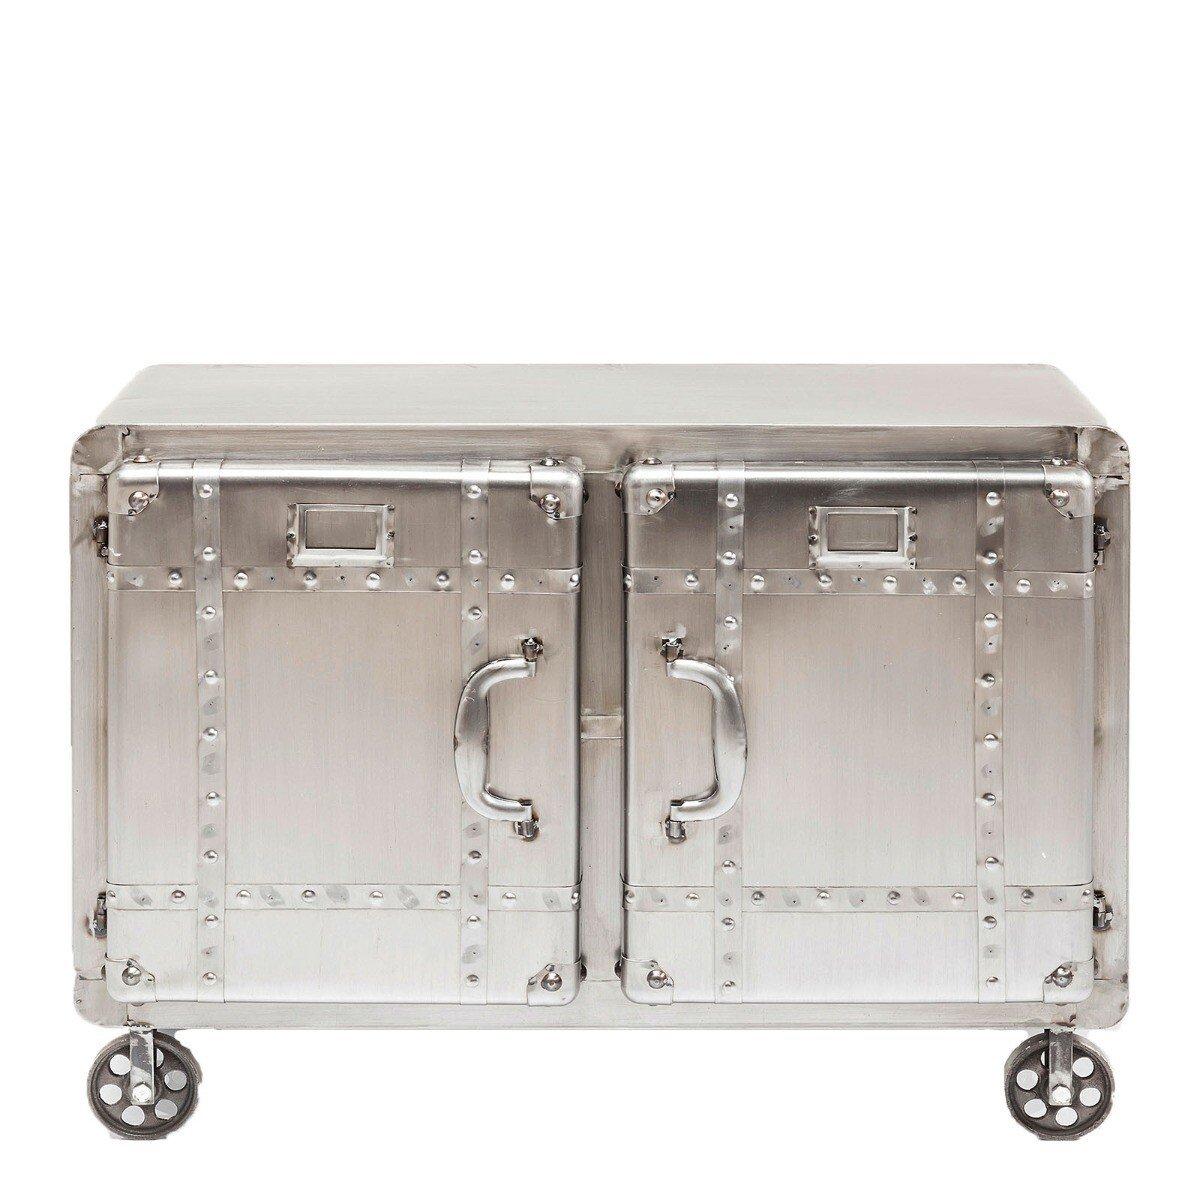 Kare Design dressoir trolley buster xl 60 x 81 x 37.5